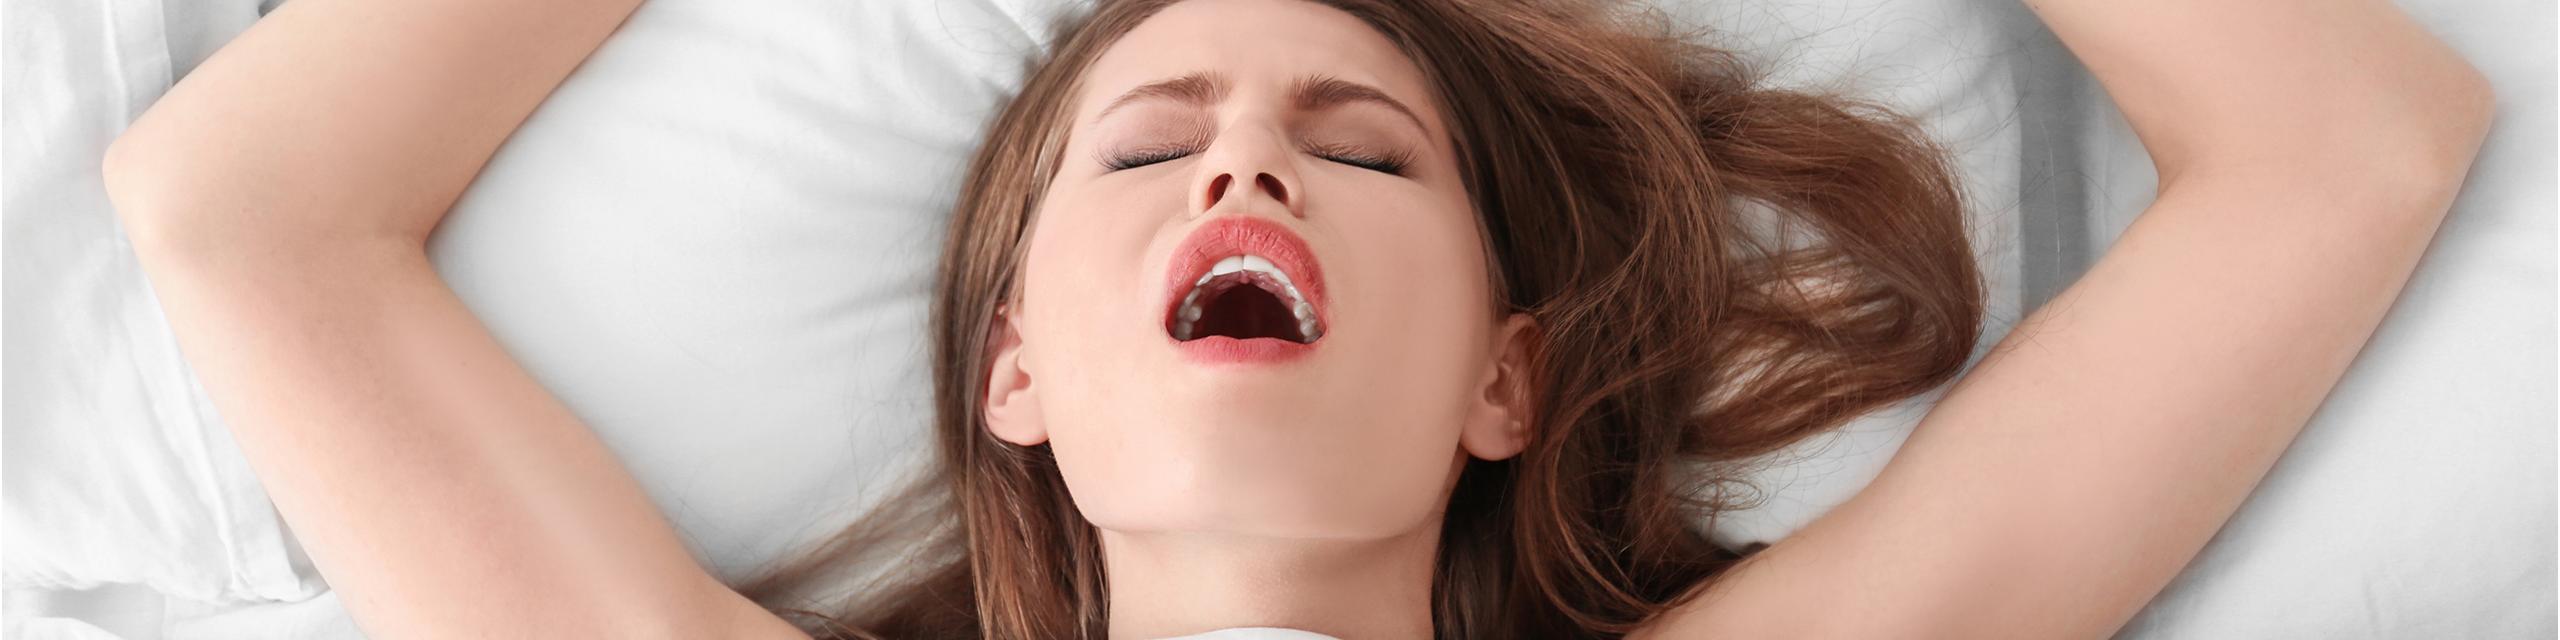 De resultaten van het orgasmeonderzoek: de naakte waarheid